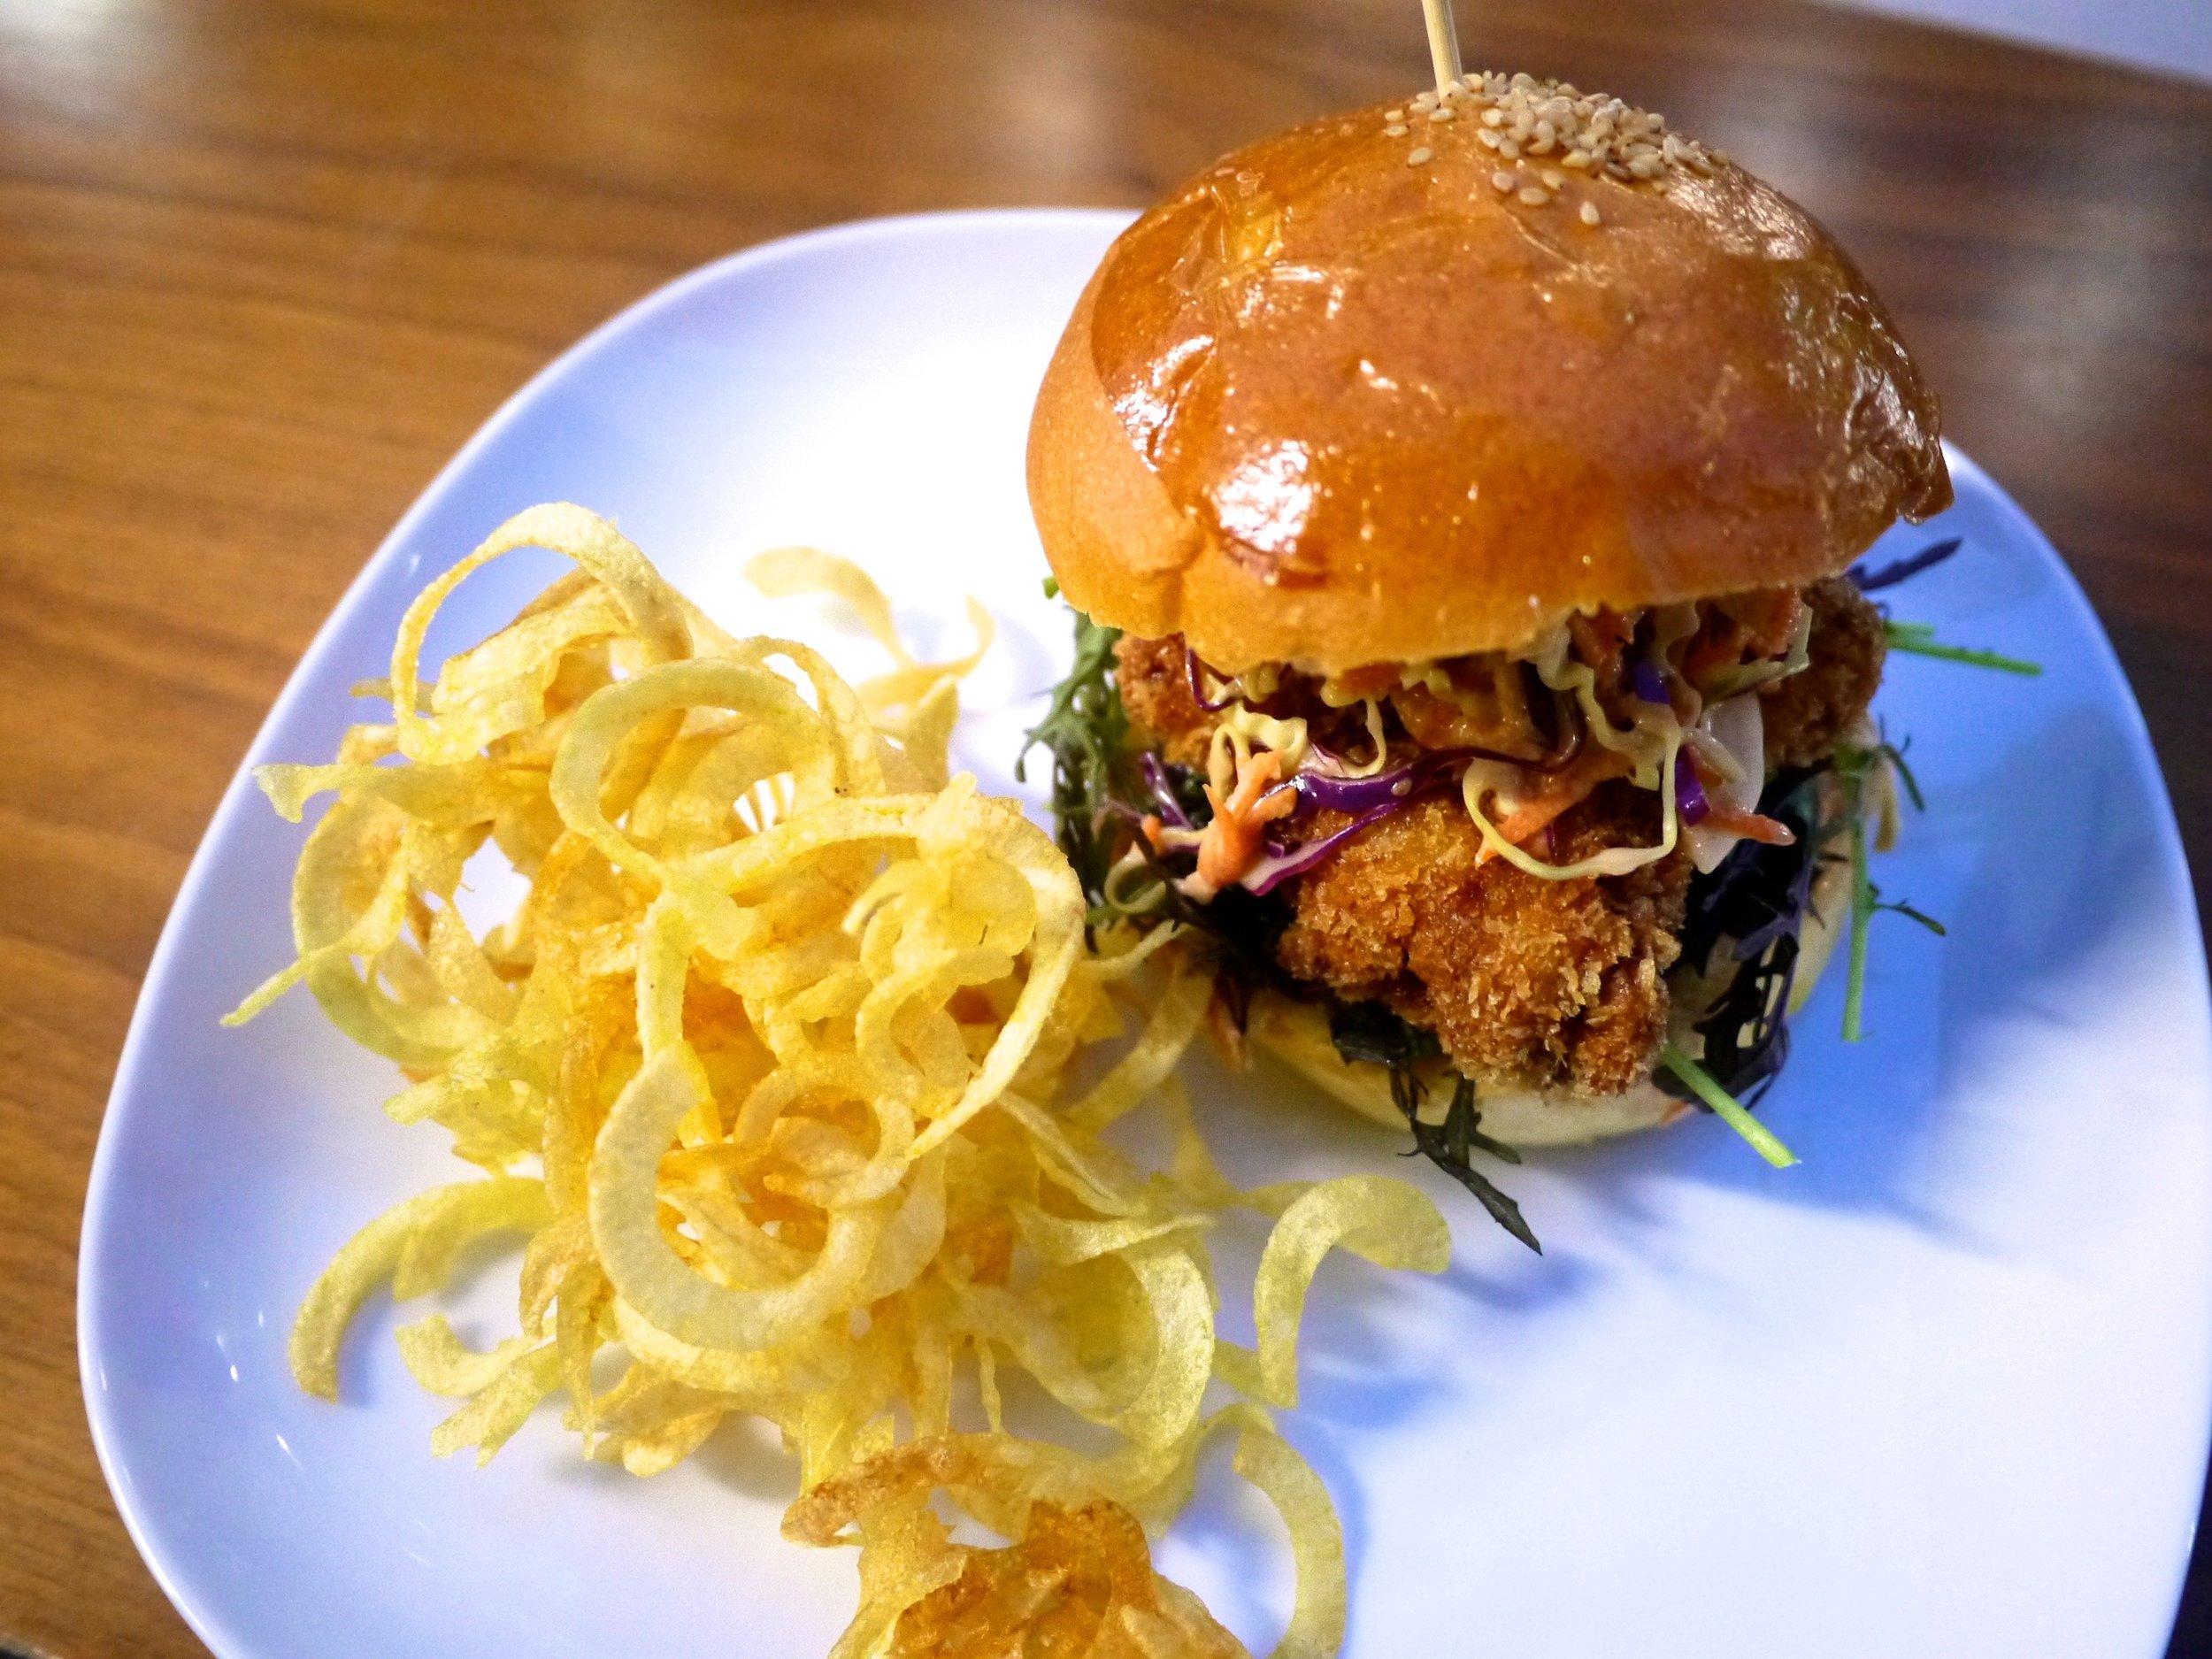 フライドチキンサンドウィッチ コールスロー&カーリーフライドポテト。Fried Chicken Sandwich w/ Japanese Coleslaw and Curly Fries